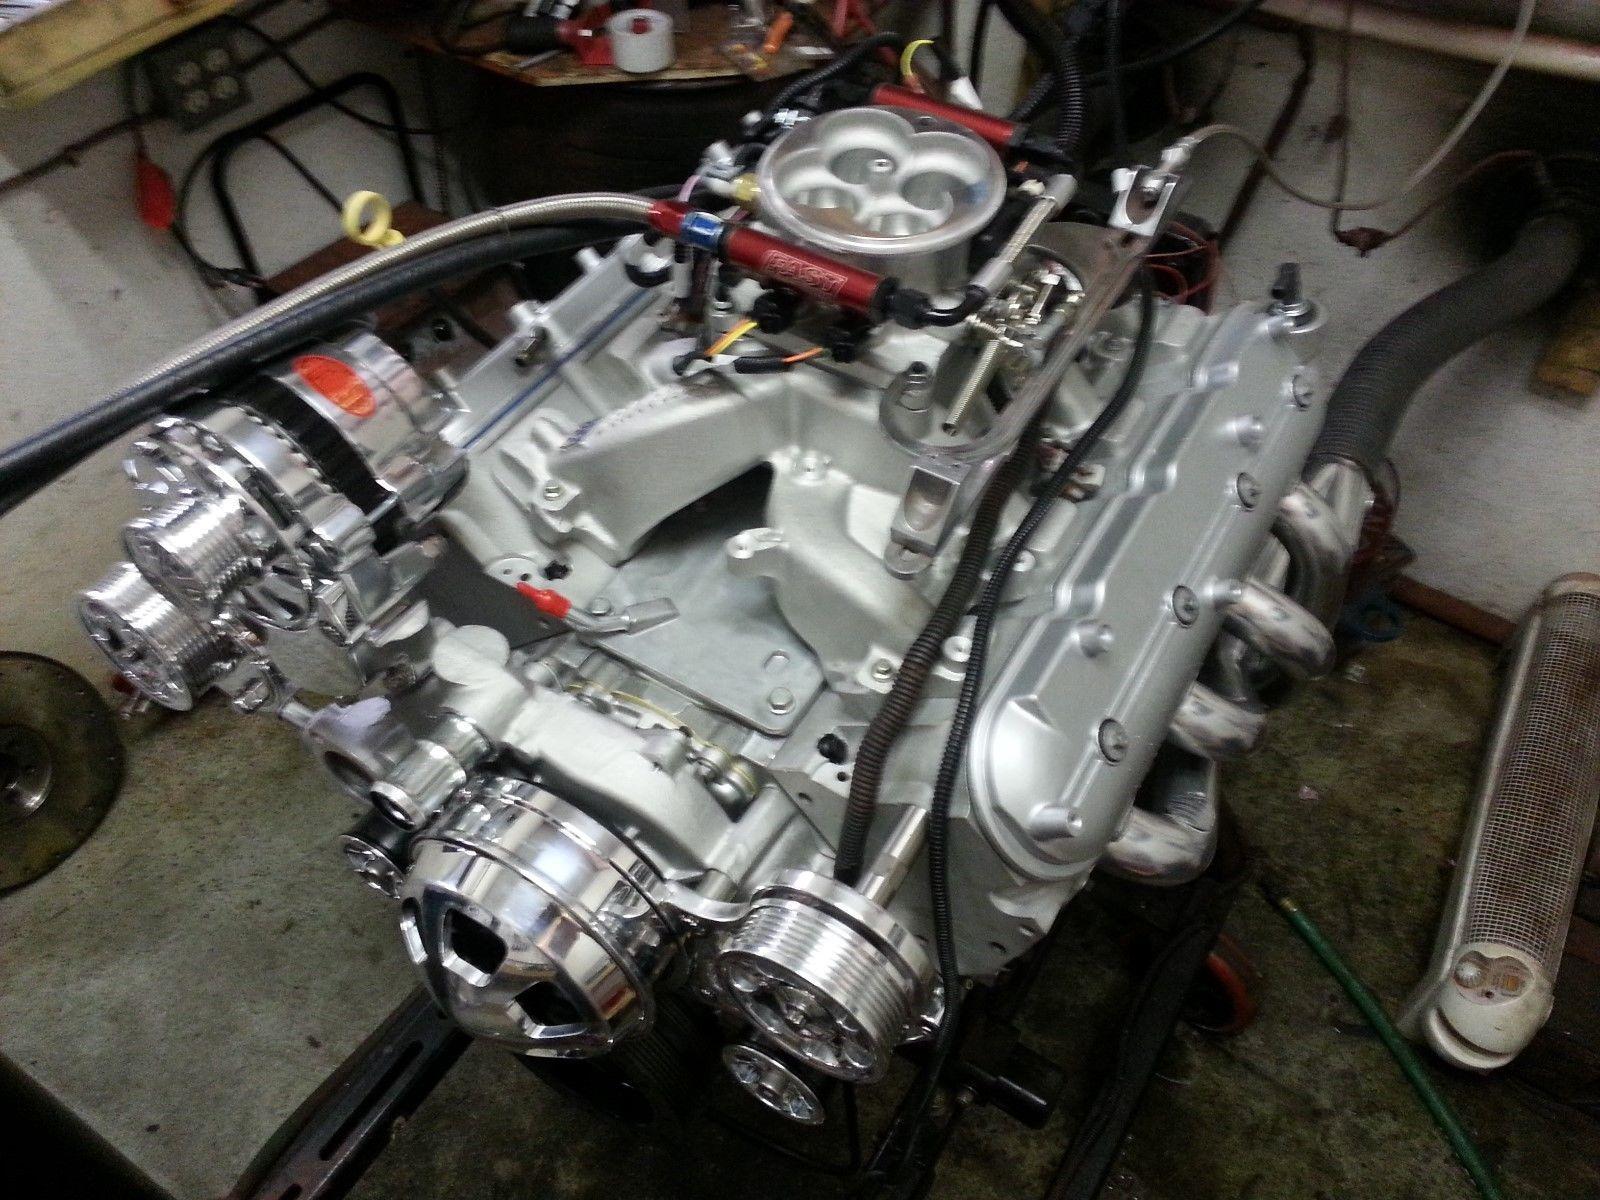 Chevy ls crate engine 6 0l 364cid ls2 ls1 ls3 lsx 550hp turn key